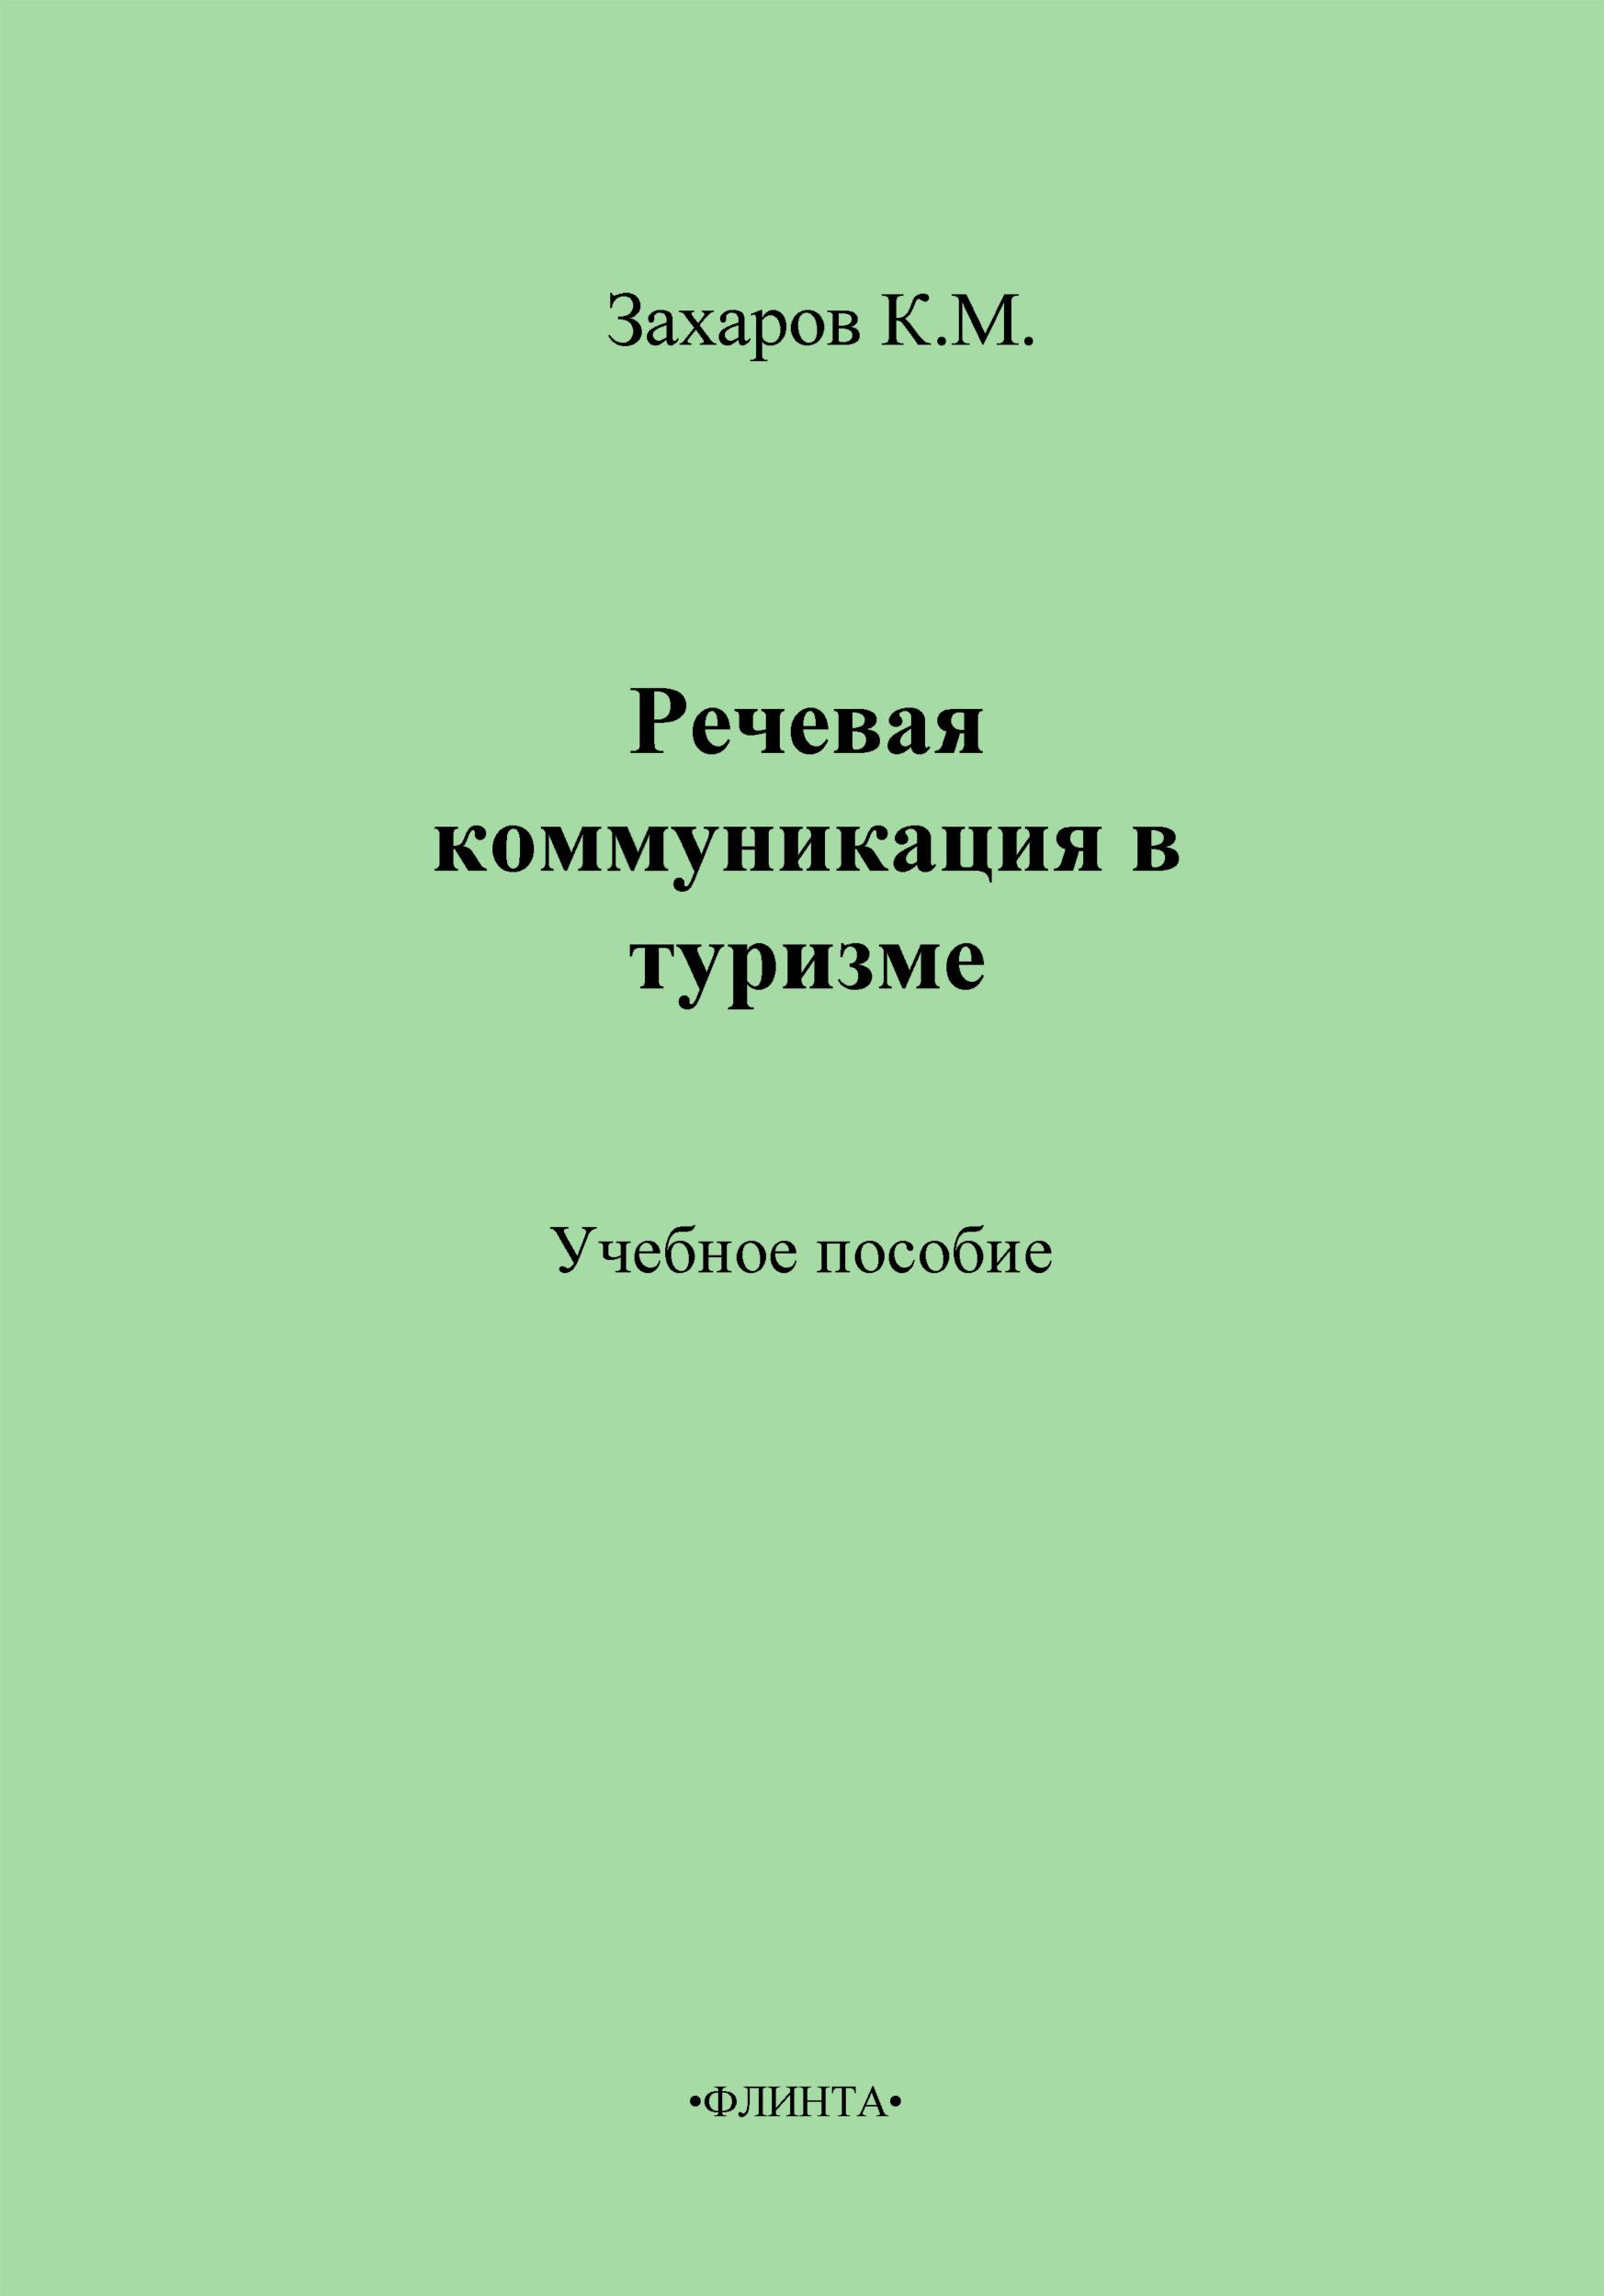 Обложка книги. Автор - К. Захаров